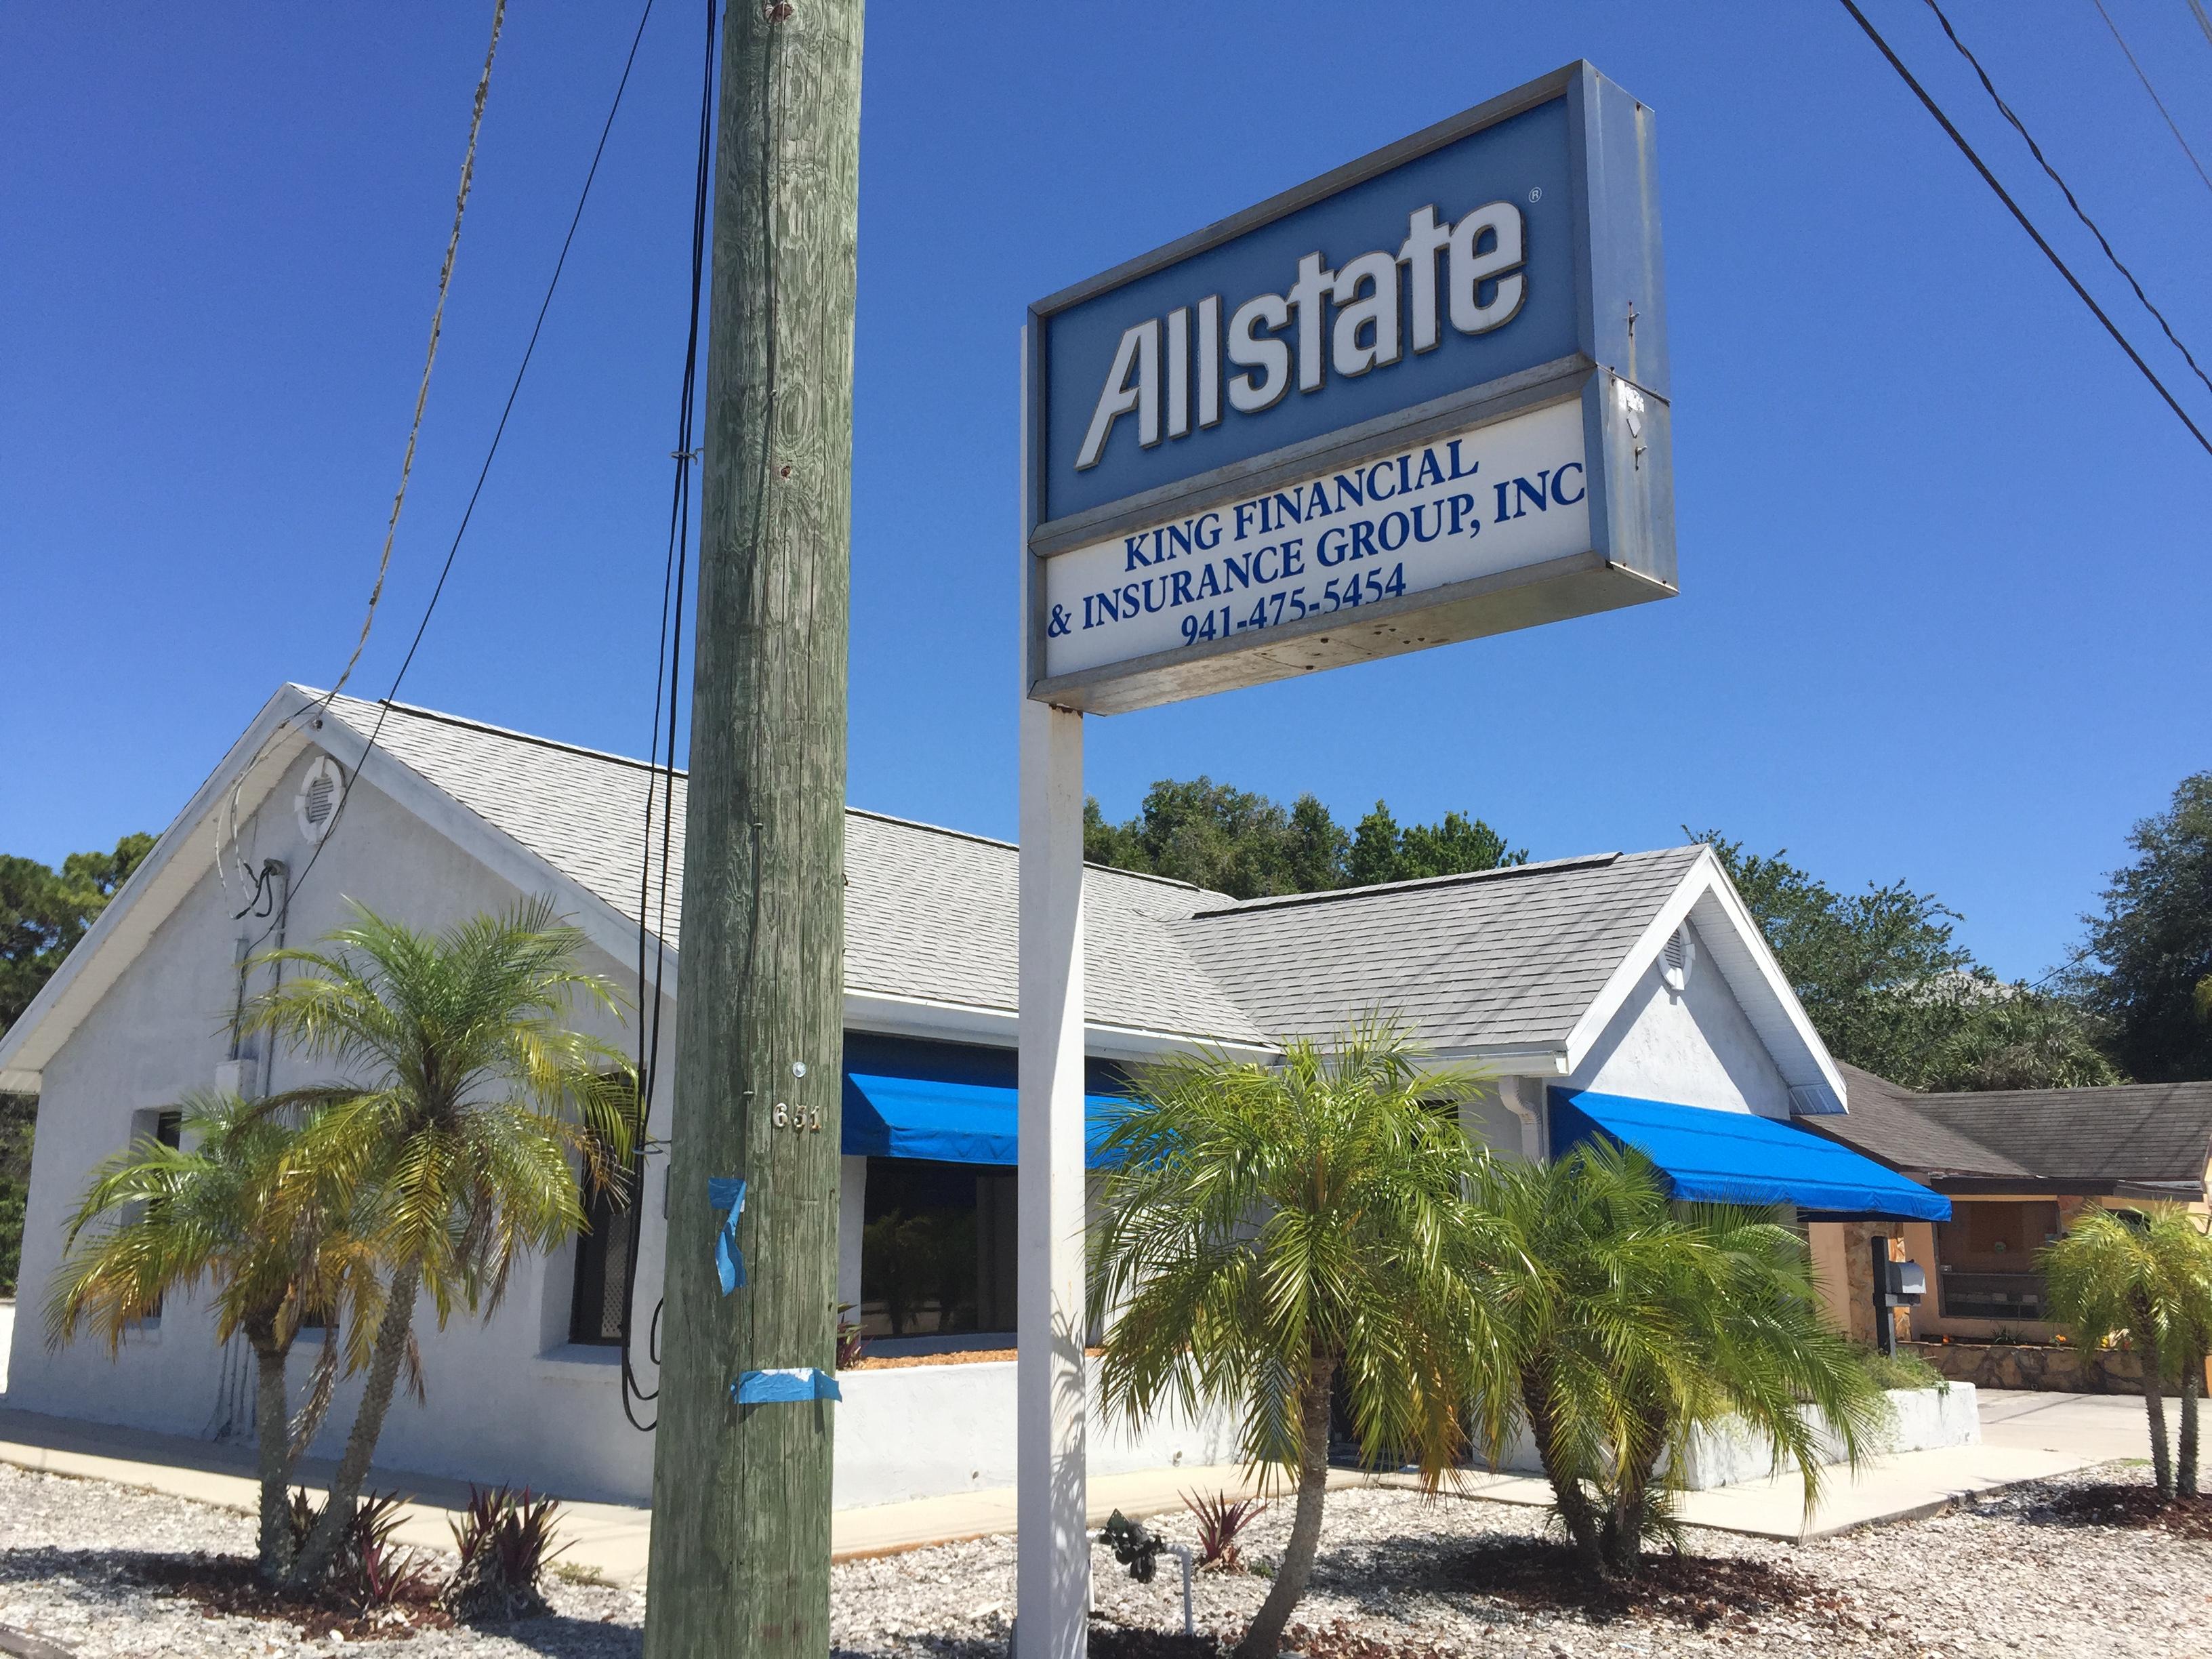 Aaren King DeJonge: Allstate Insurance image 6